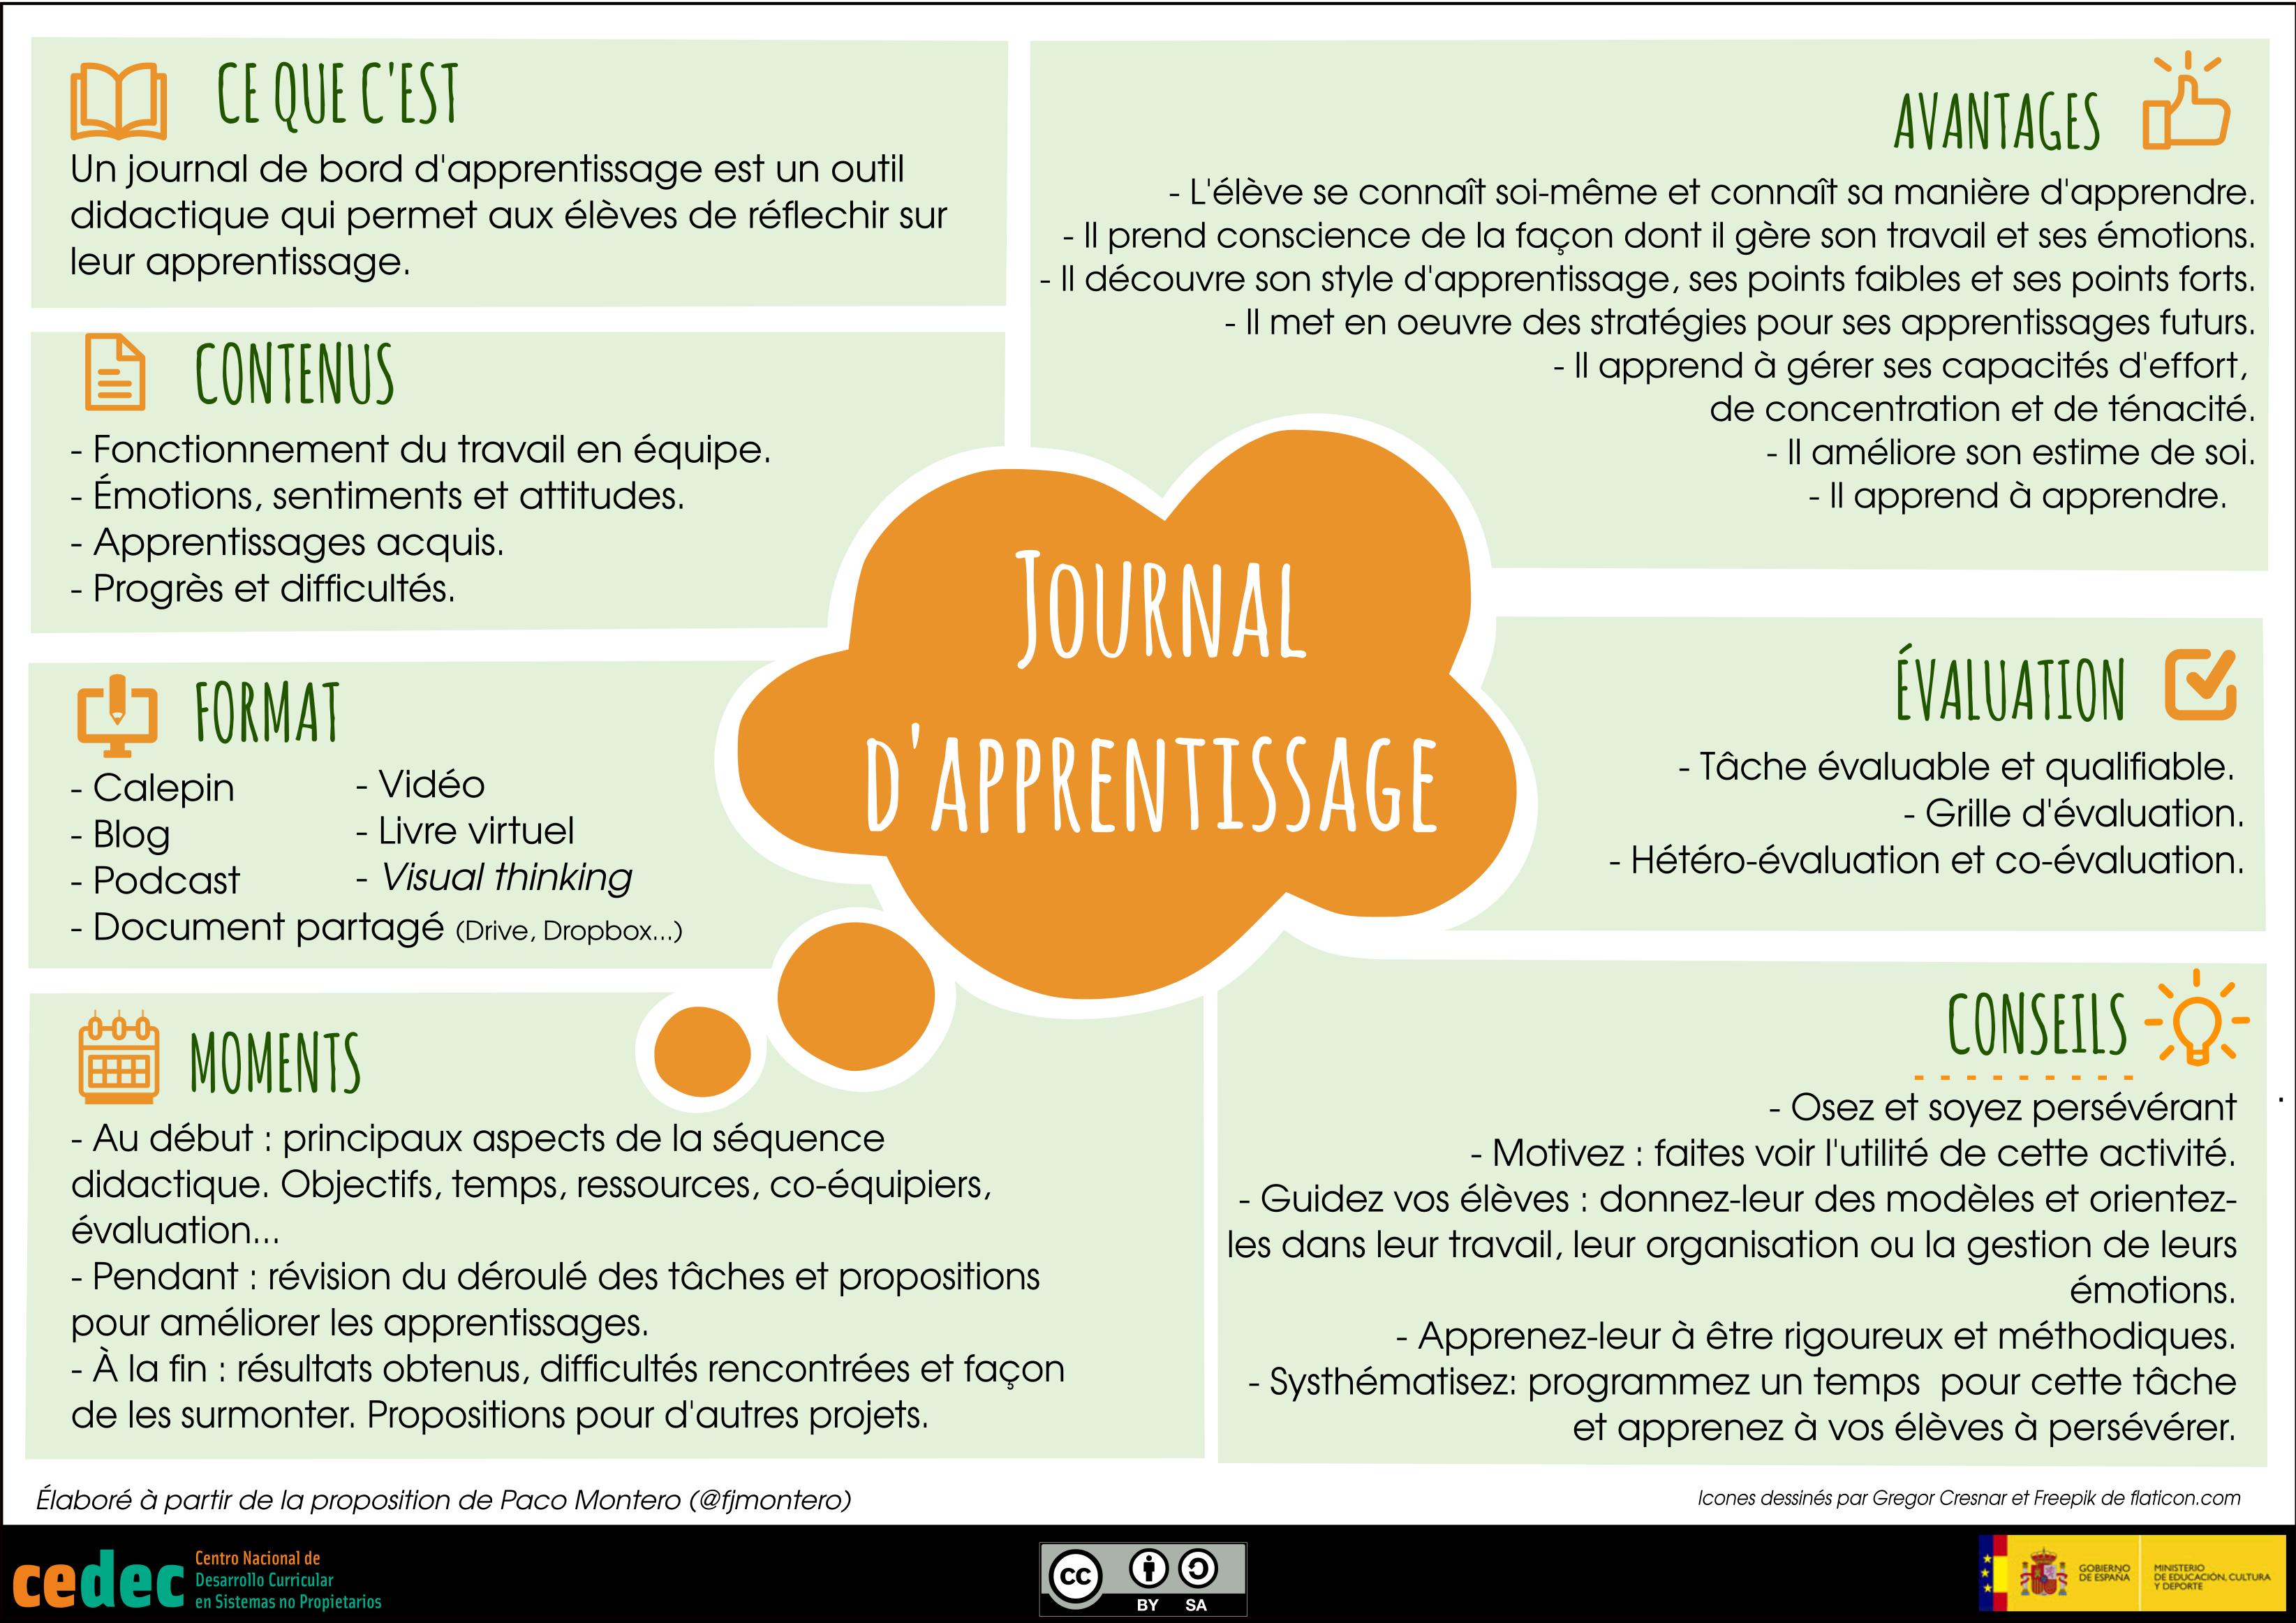 """Traducción de la infografía """"Diarios de aprendizaje"""" al francés"""